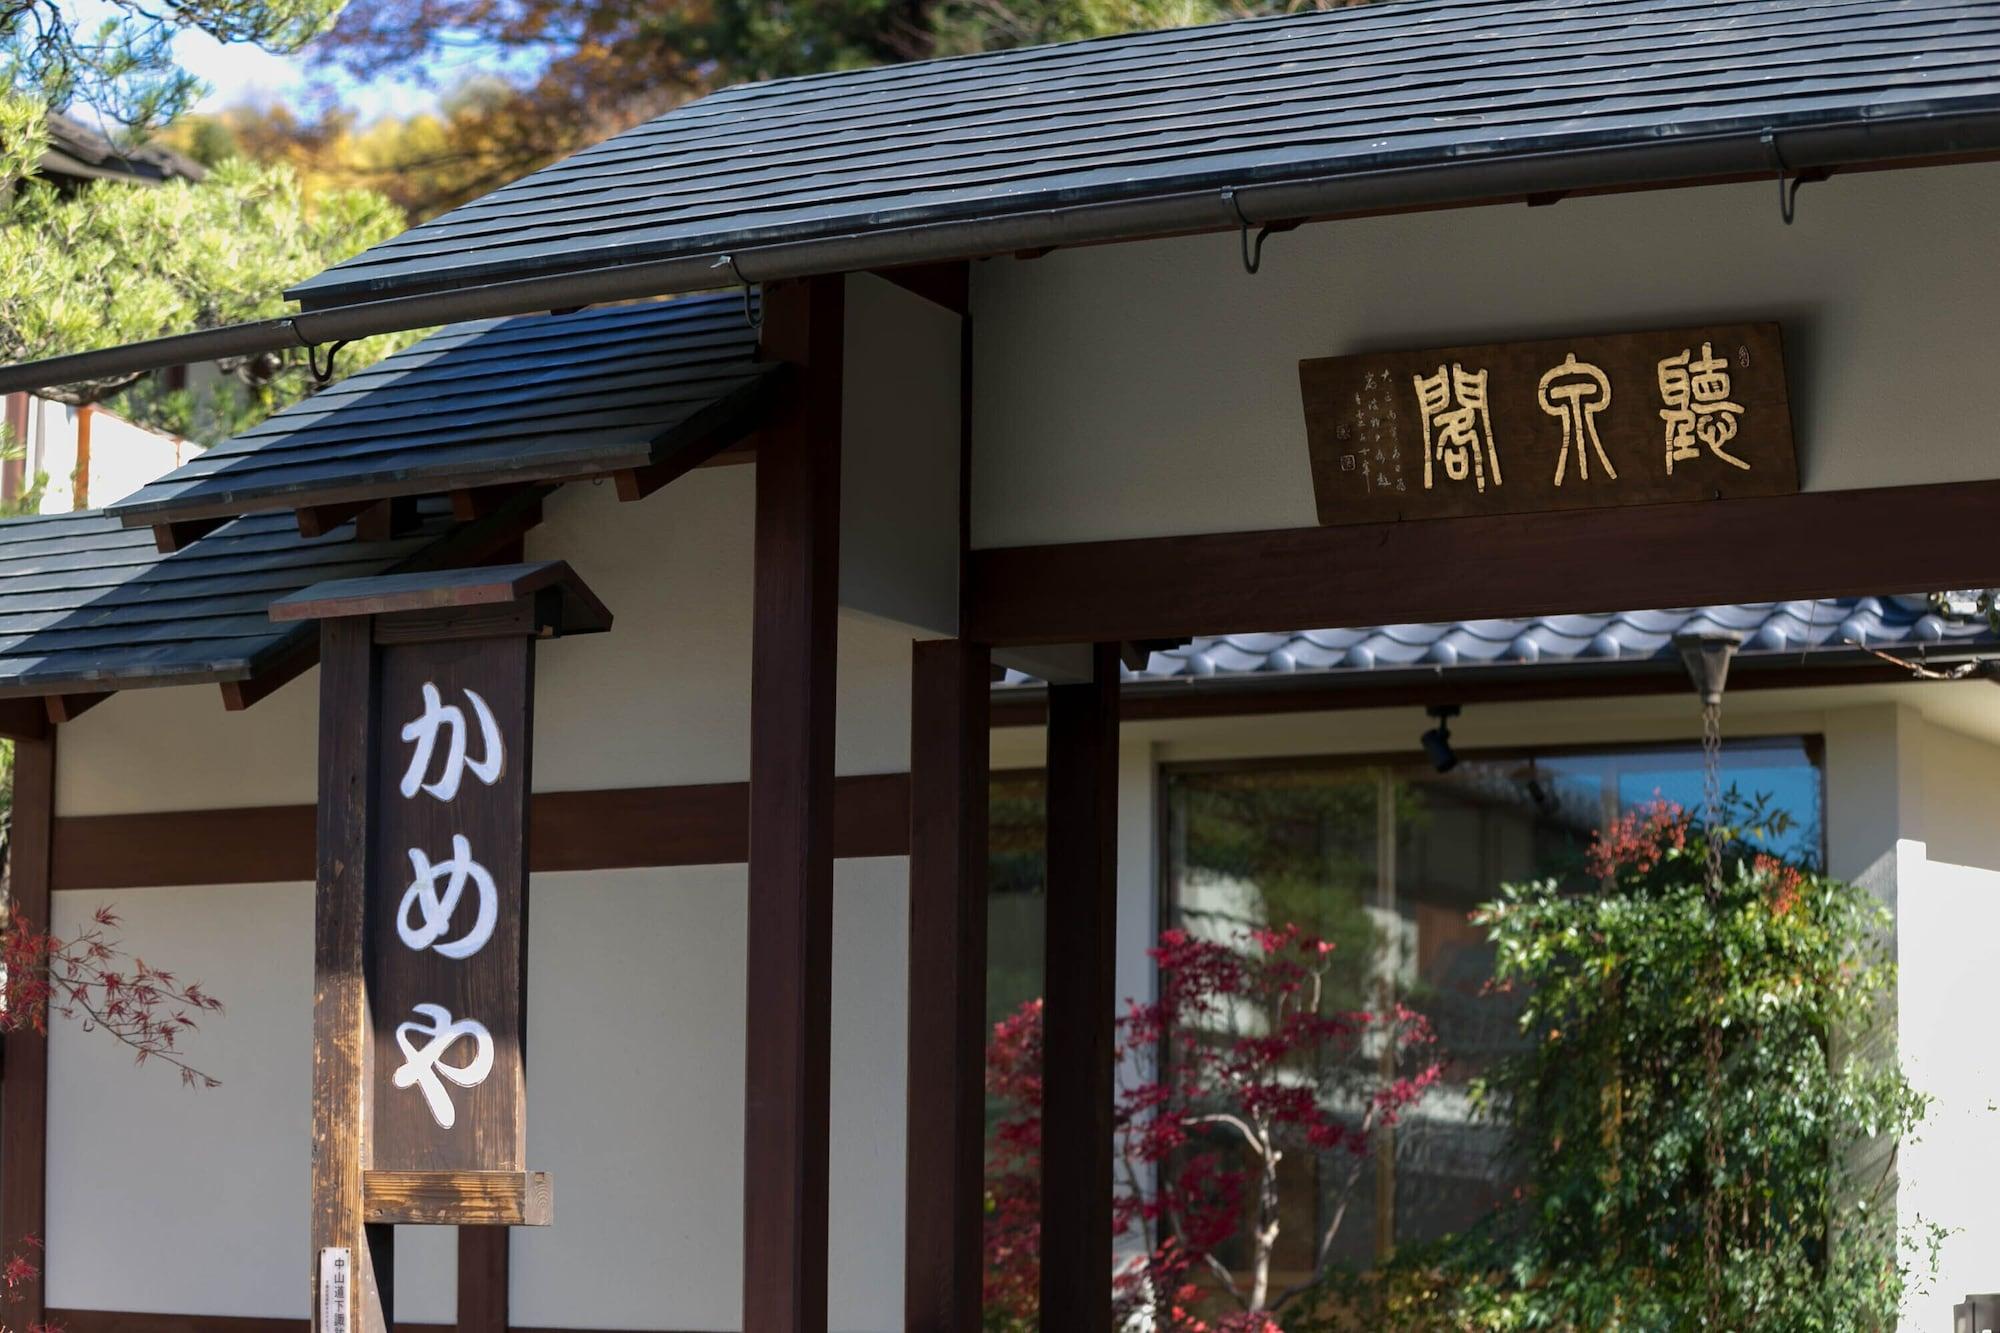 Shimosuwa Onsen Chosenkaku Kameya, Shimosuwa